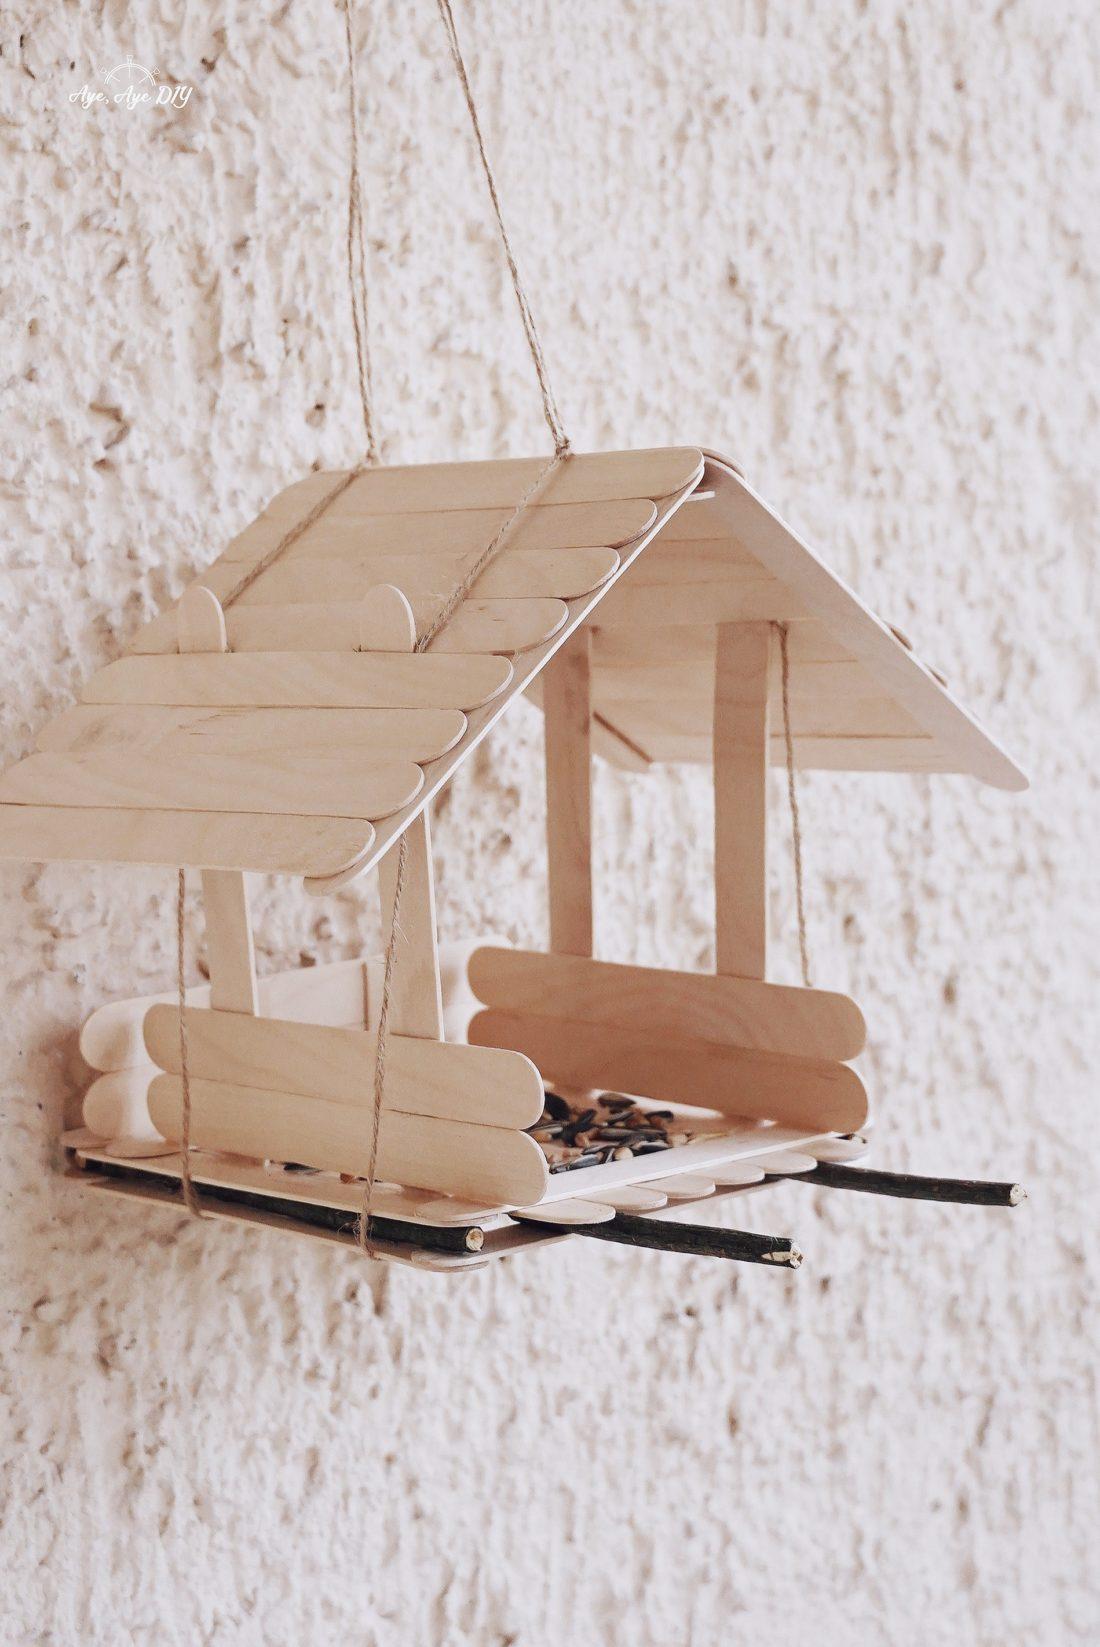 Vogelhaus selber bauen: Einfache Anleitung